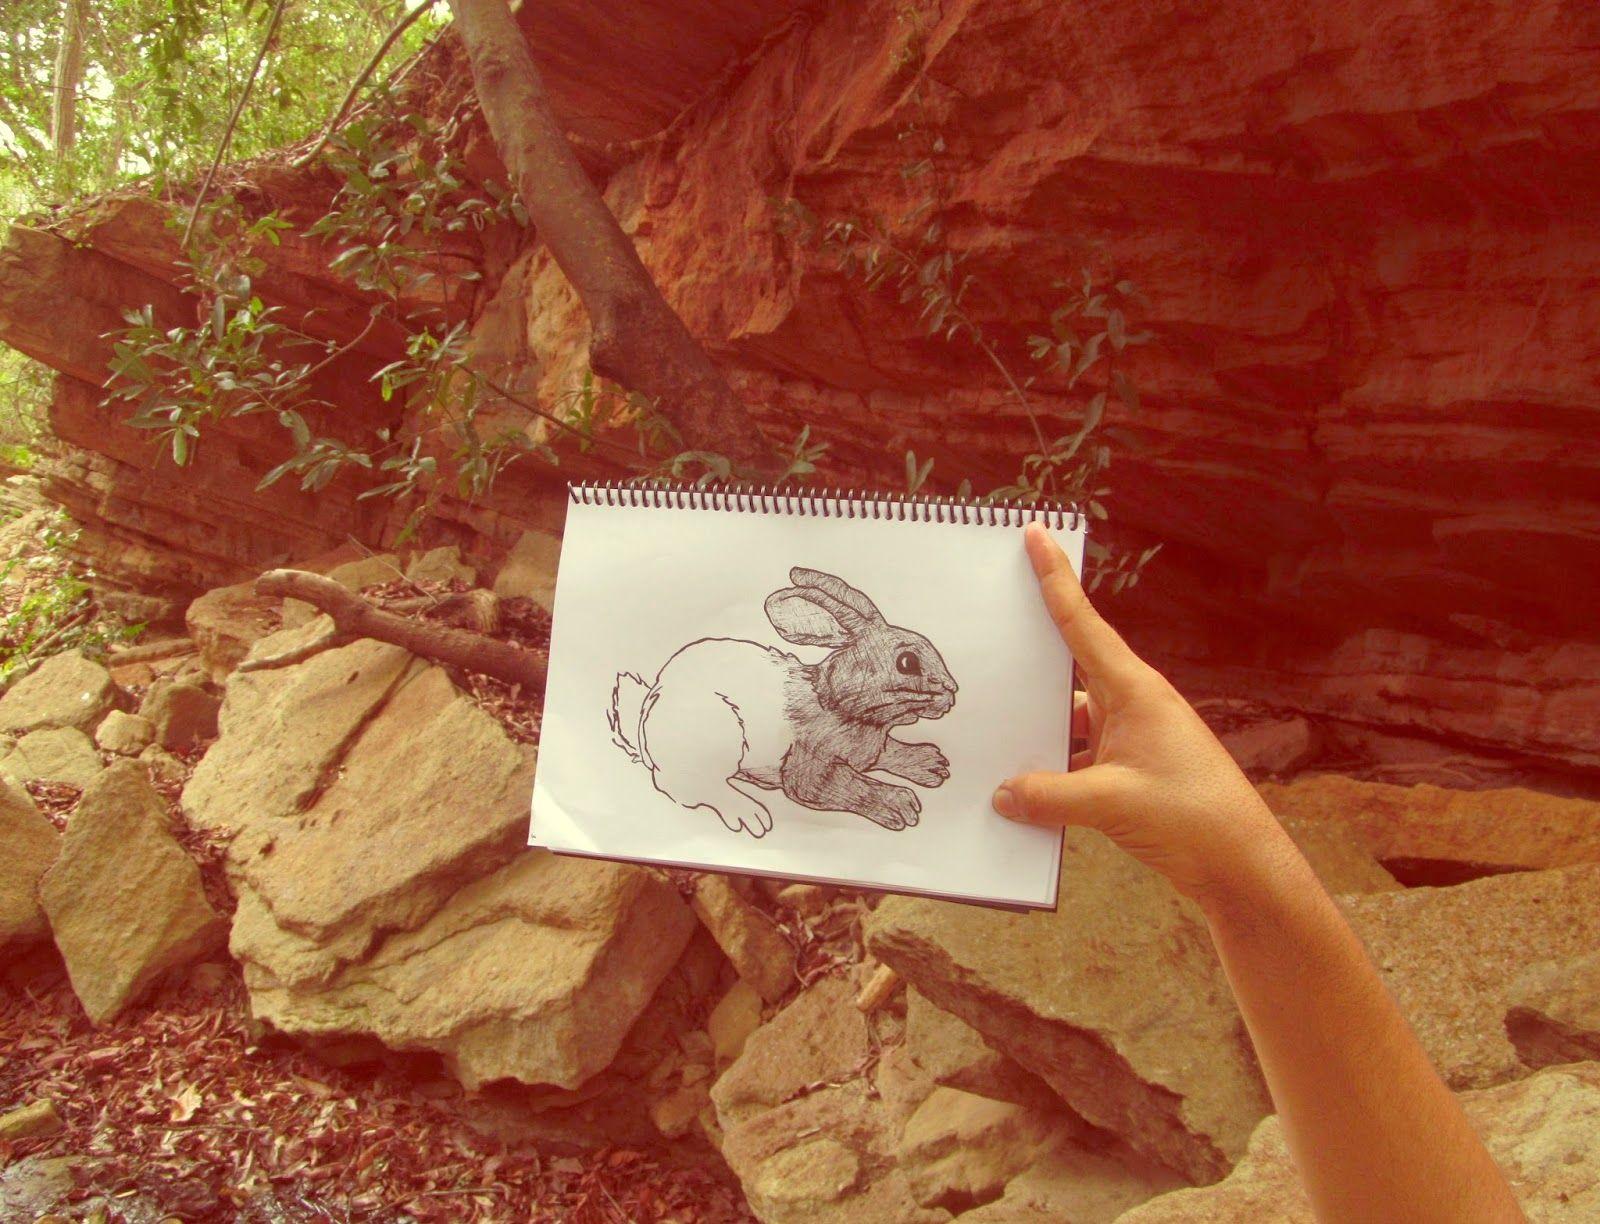 Dan arte: Un bosque y un conejo.